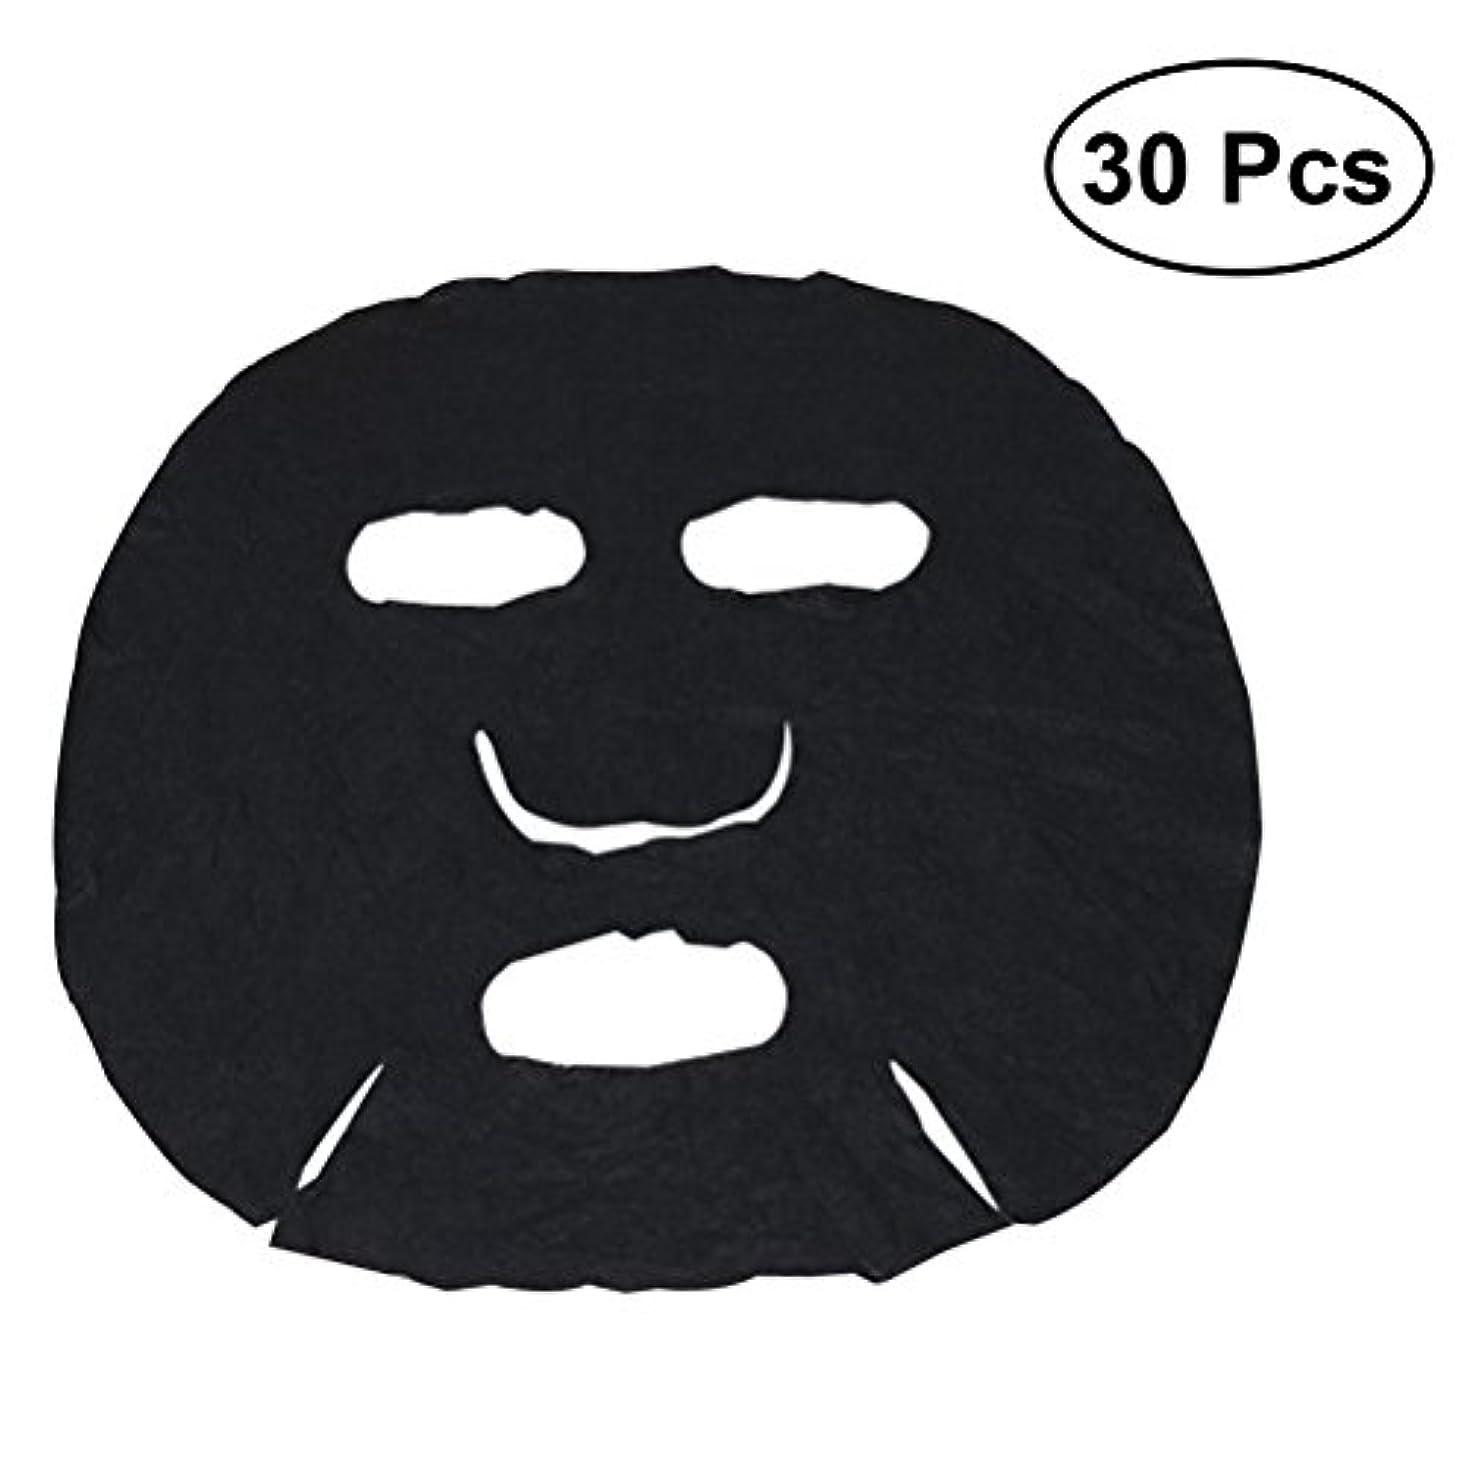 子音ステープル金貸しFrcolor 圧縮マスク 圧縮フェイスパック 竹炭 圧縮マスクシート スキンケア DIY 30枚入り 携帯便利 使い捨て